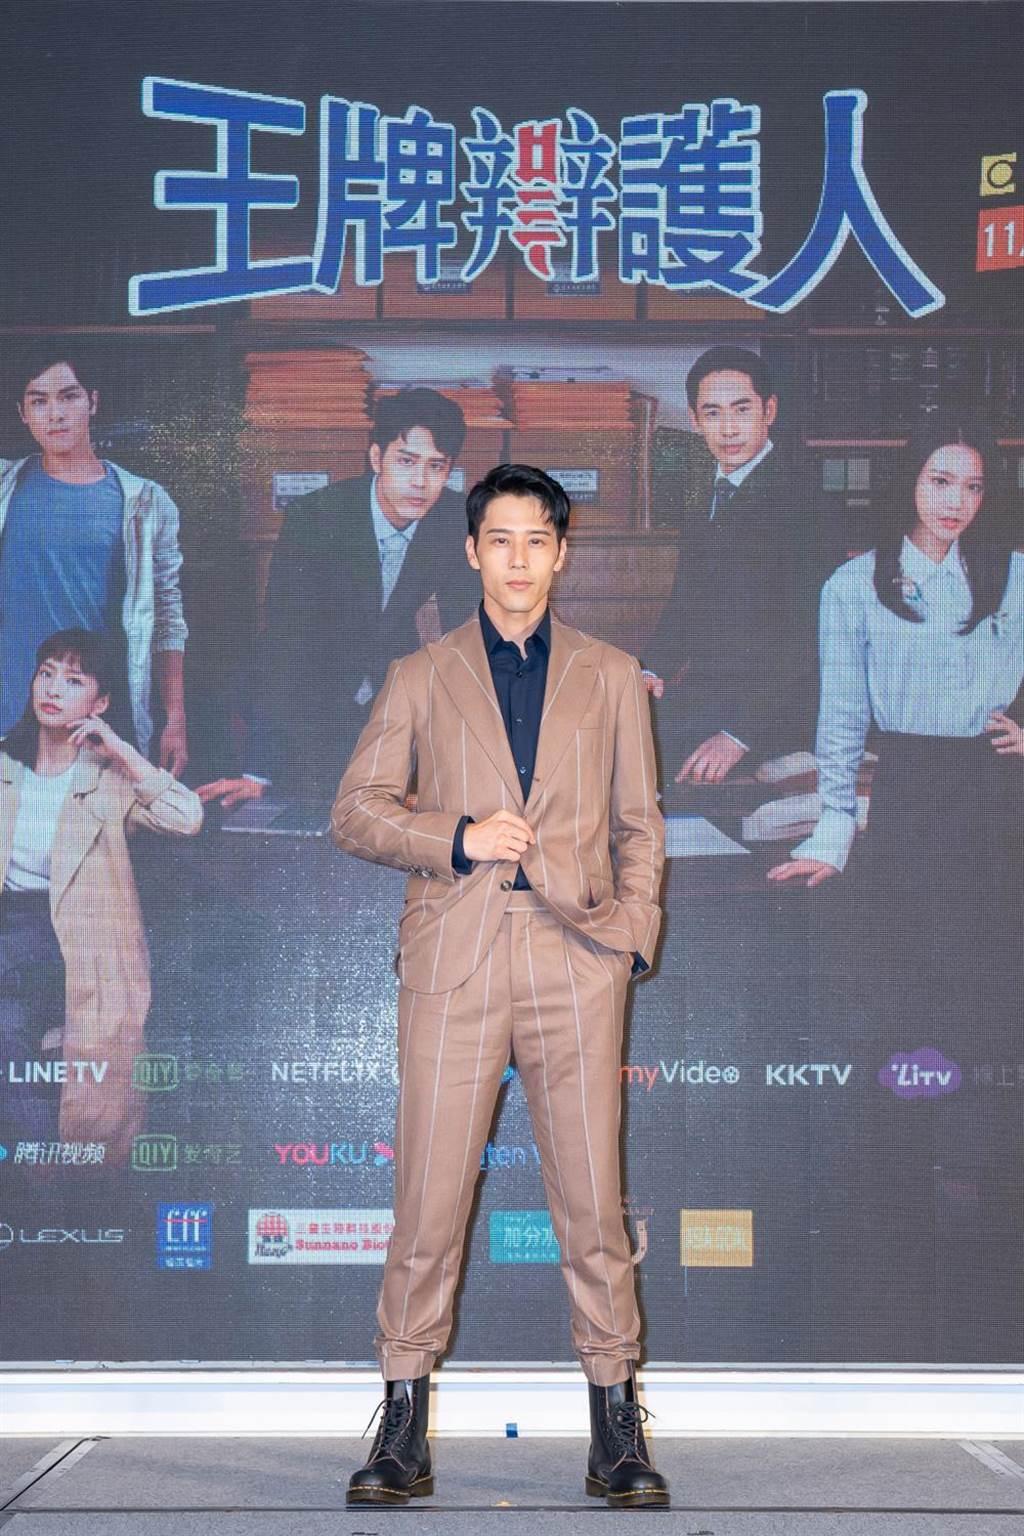 胡宇威在《王牌辩护人》饰演天才律师。(东森提供)